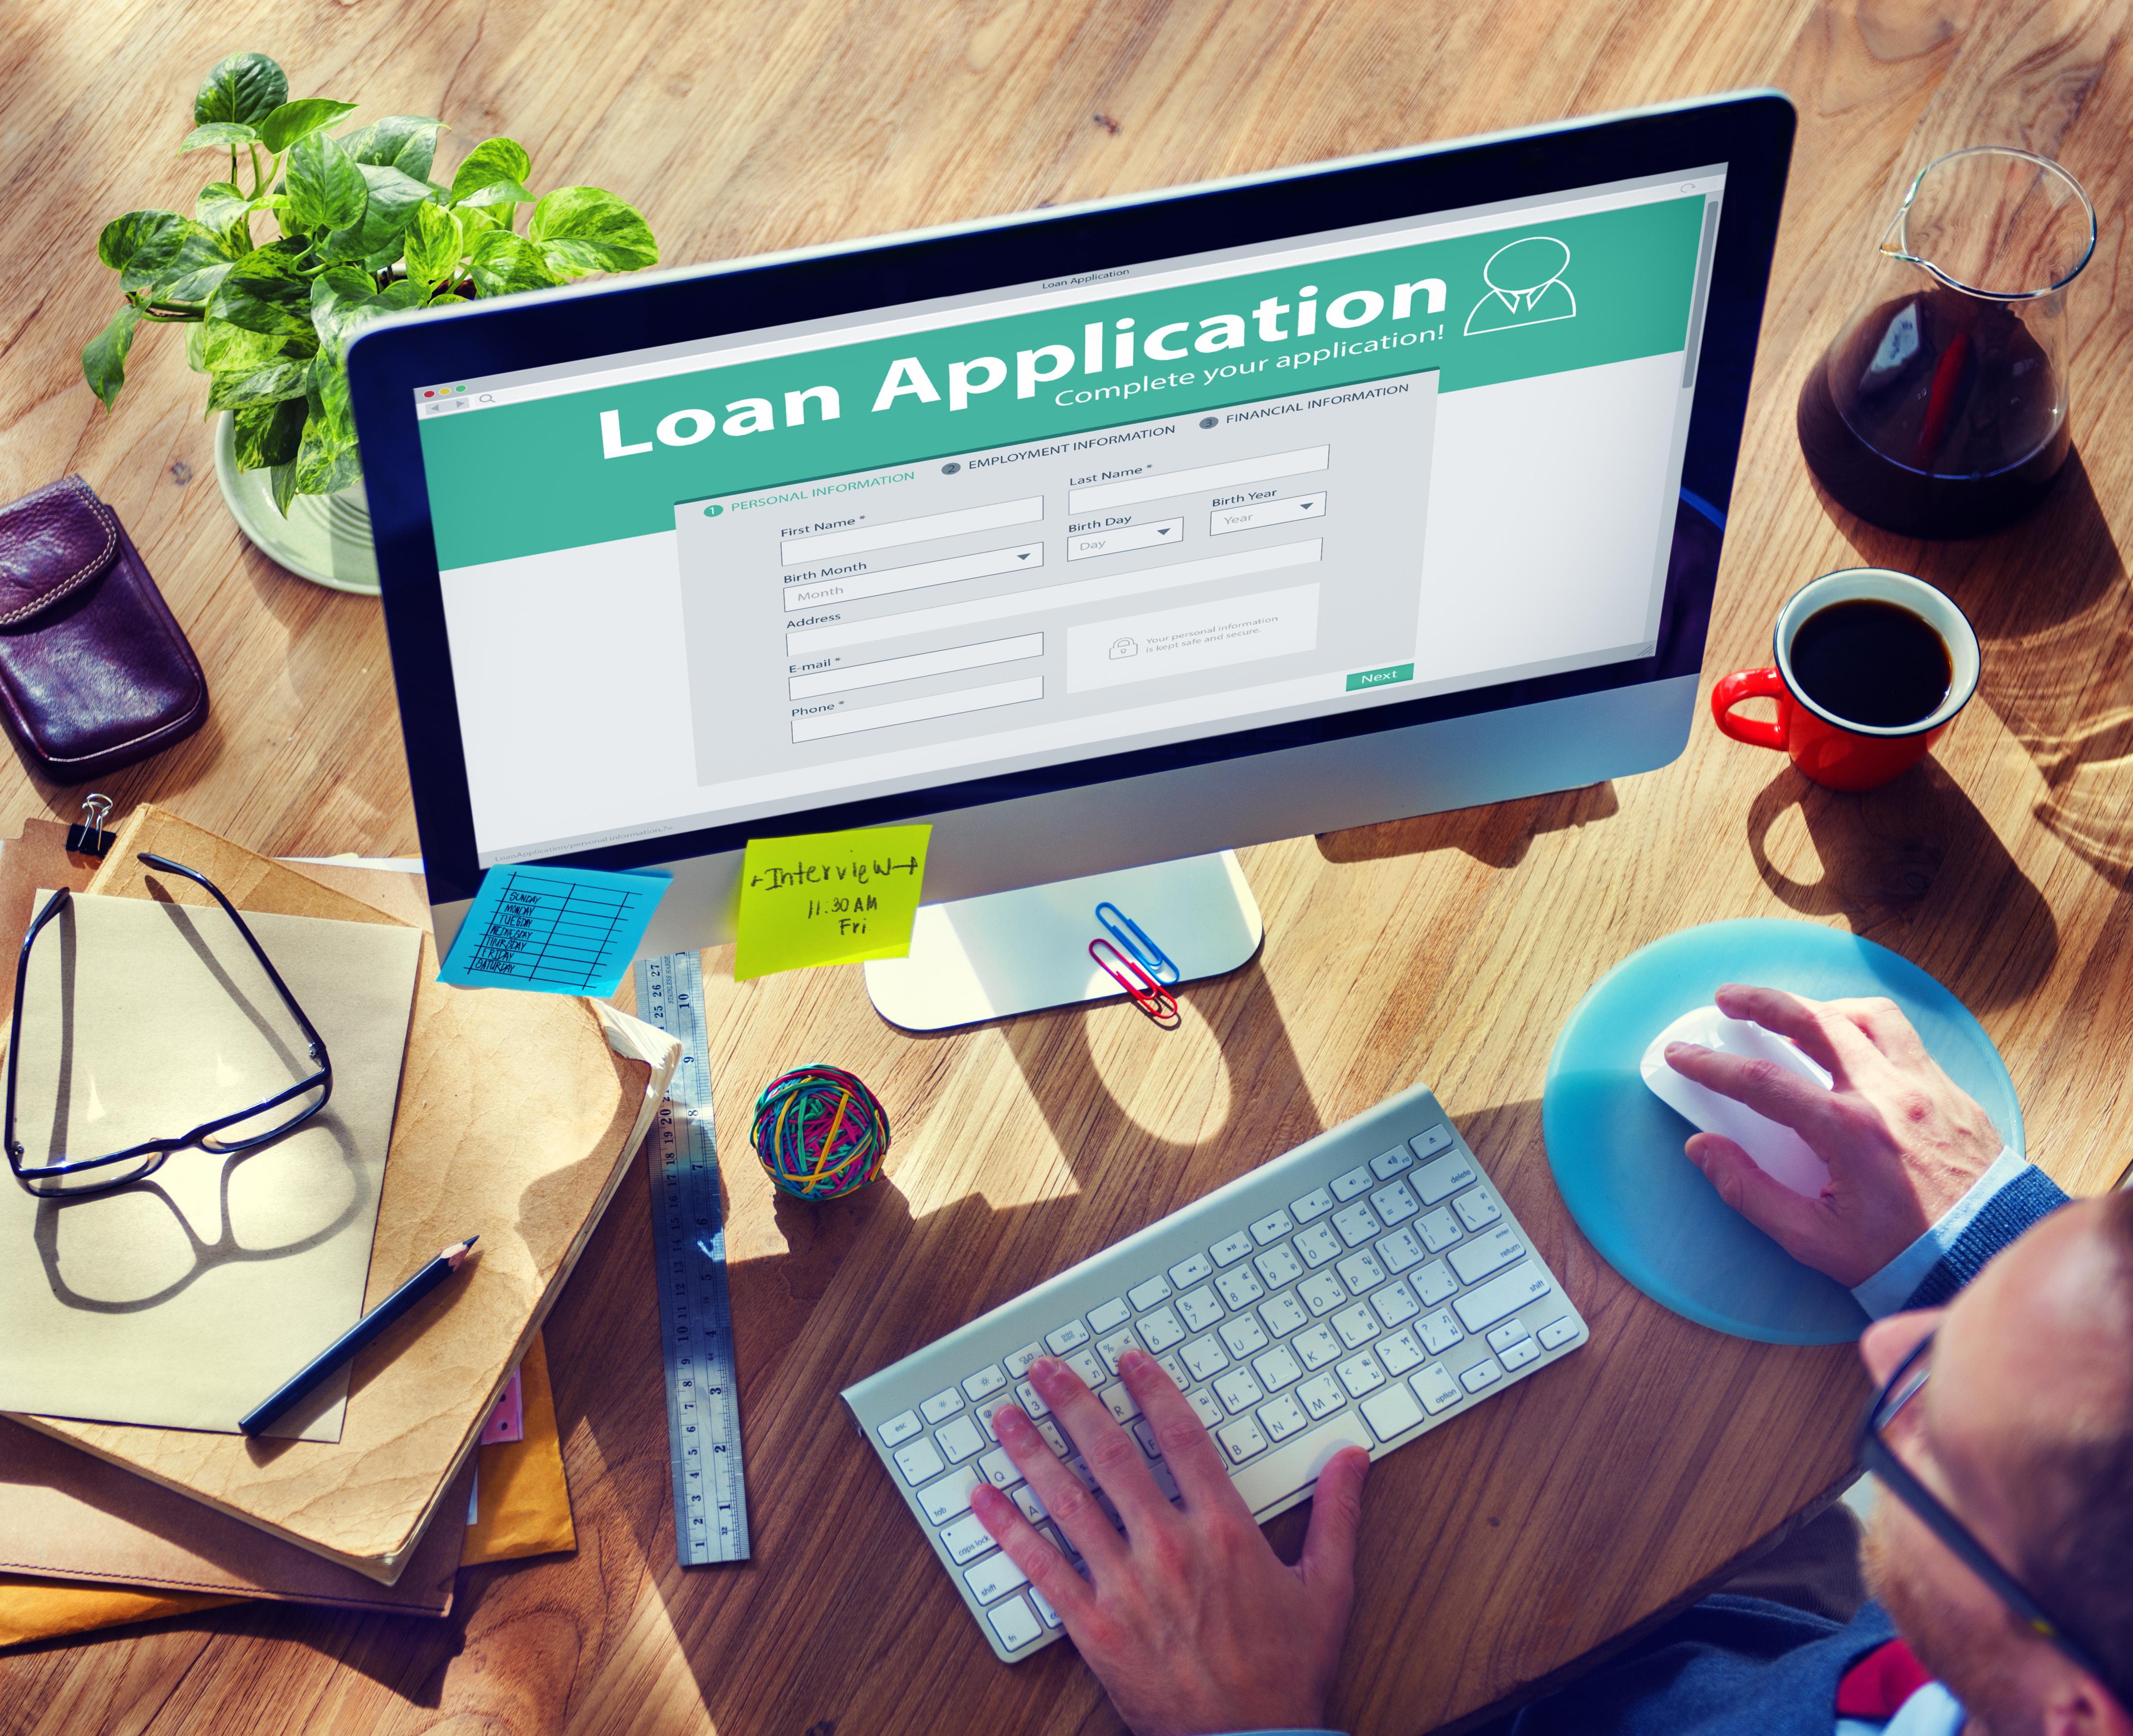 Applying for Loans Online